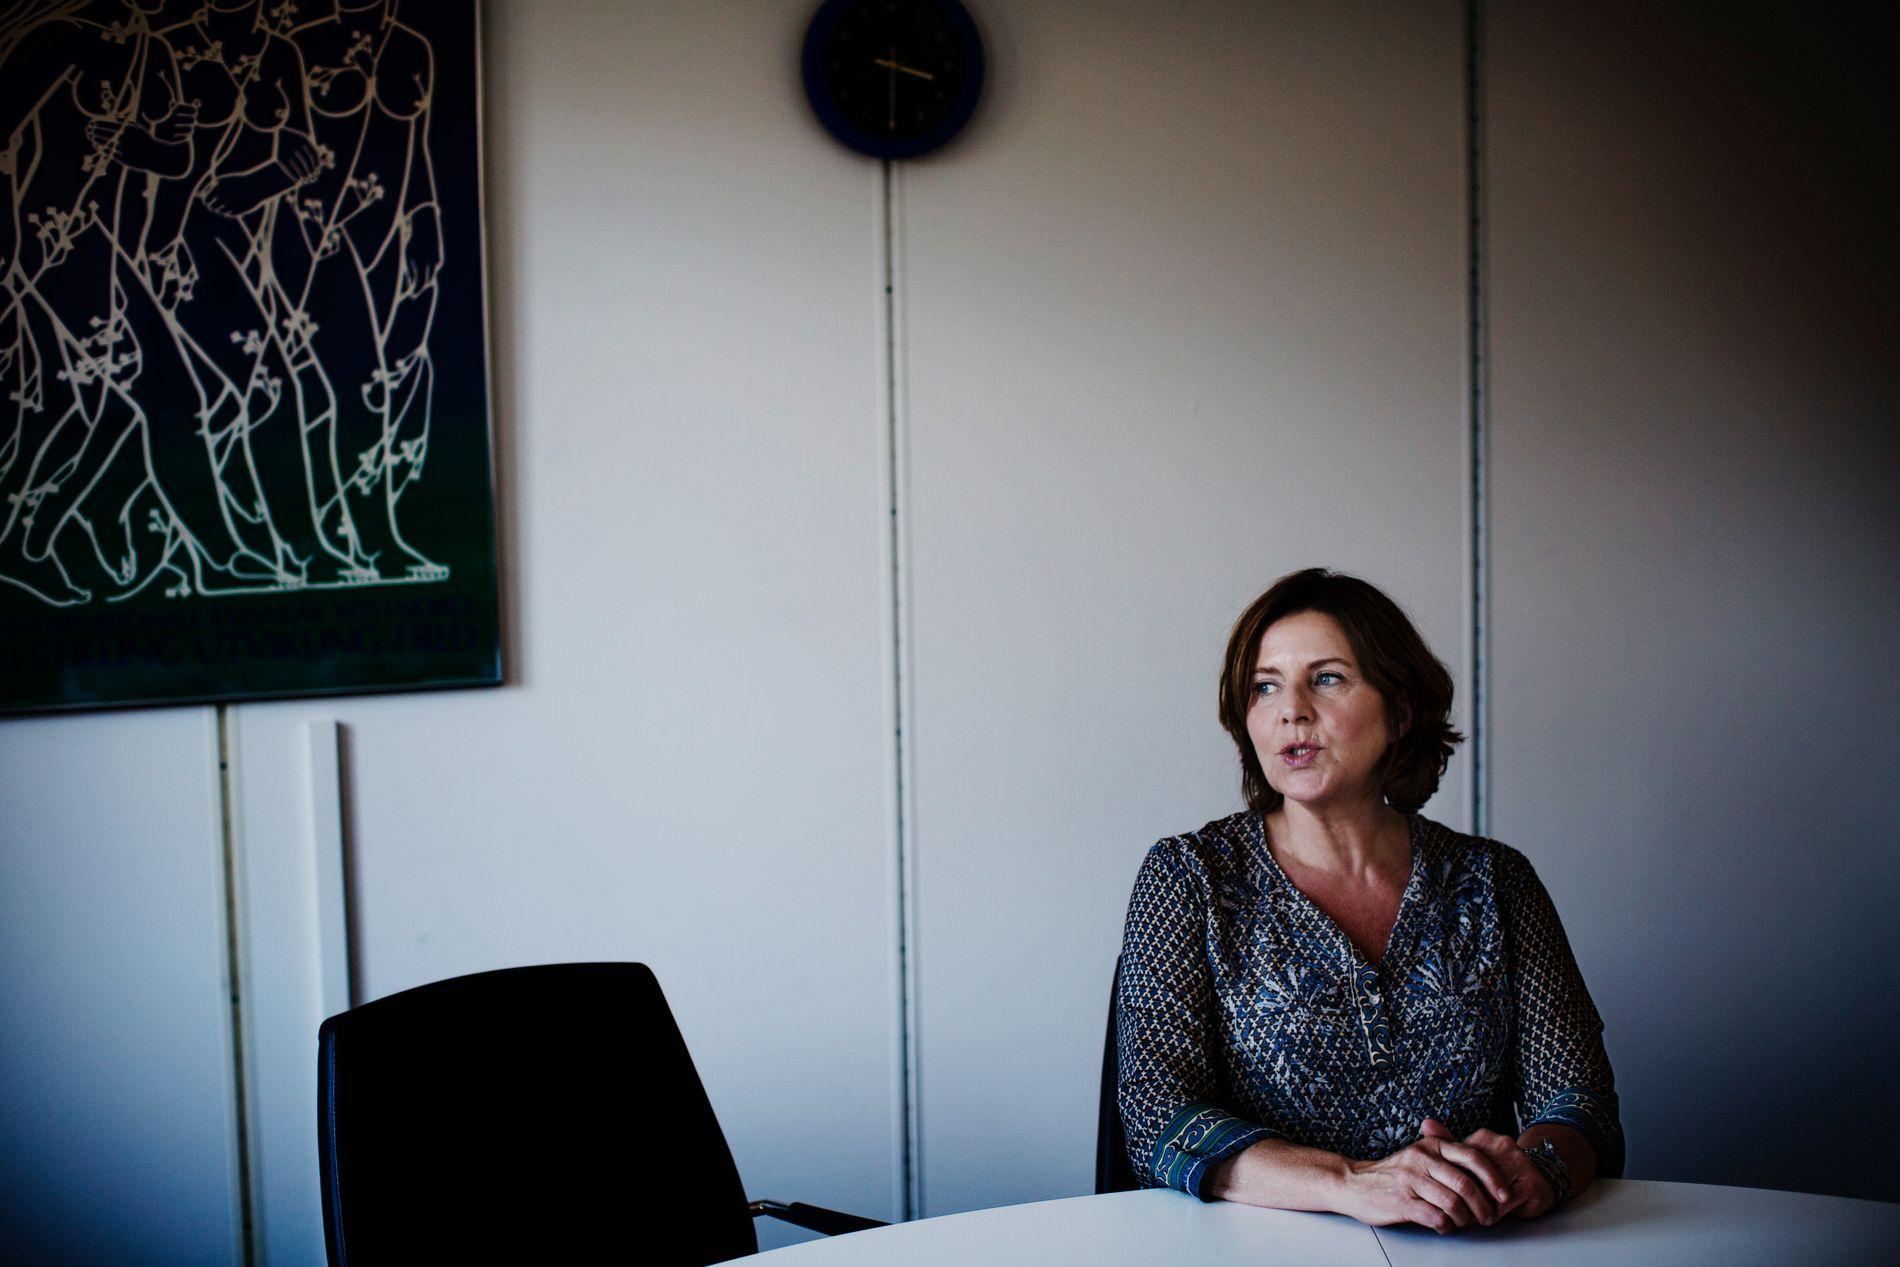 ALVORLIG: Likestillings- og diskrimineringsombud Hanne Bjurstrøm etterlyser flere tiltak for å hjelpe trakasseringsofre.